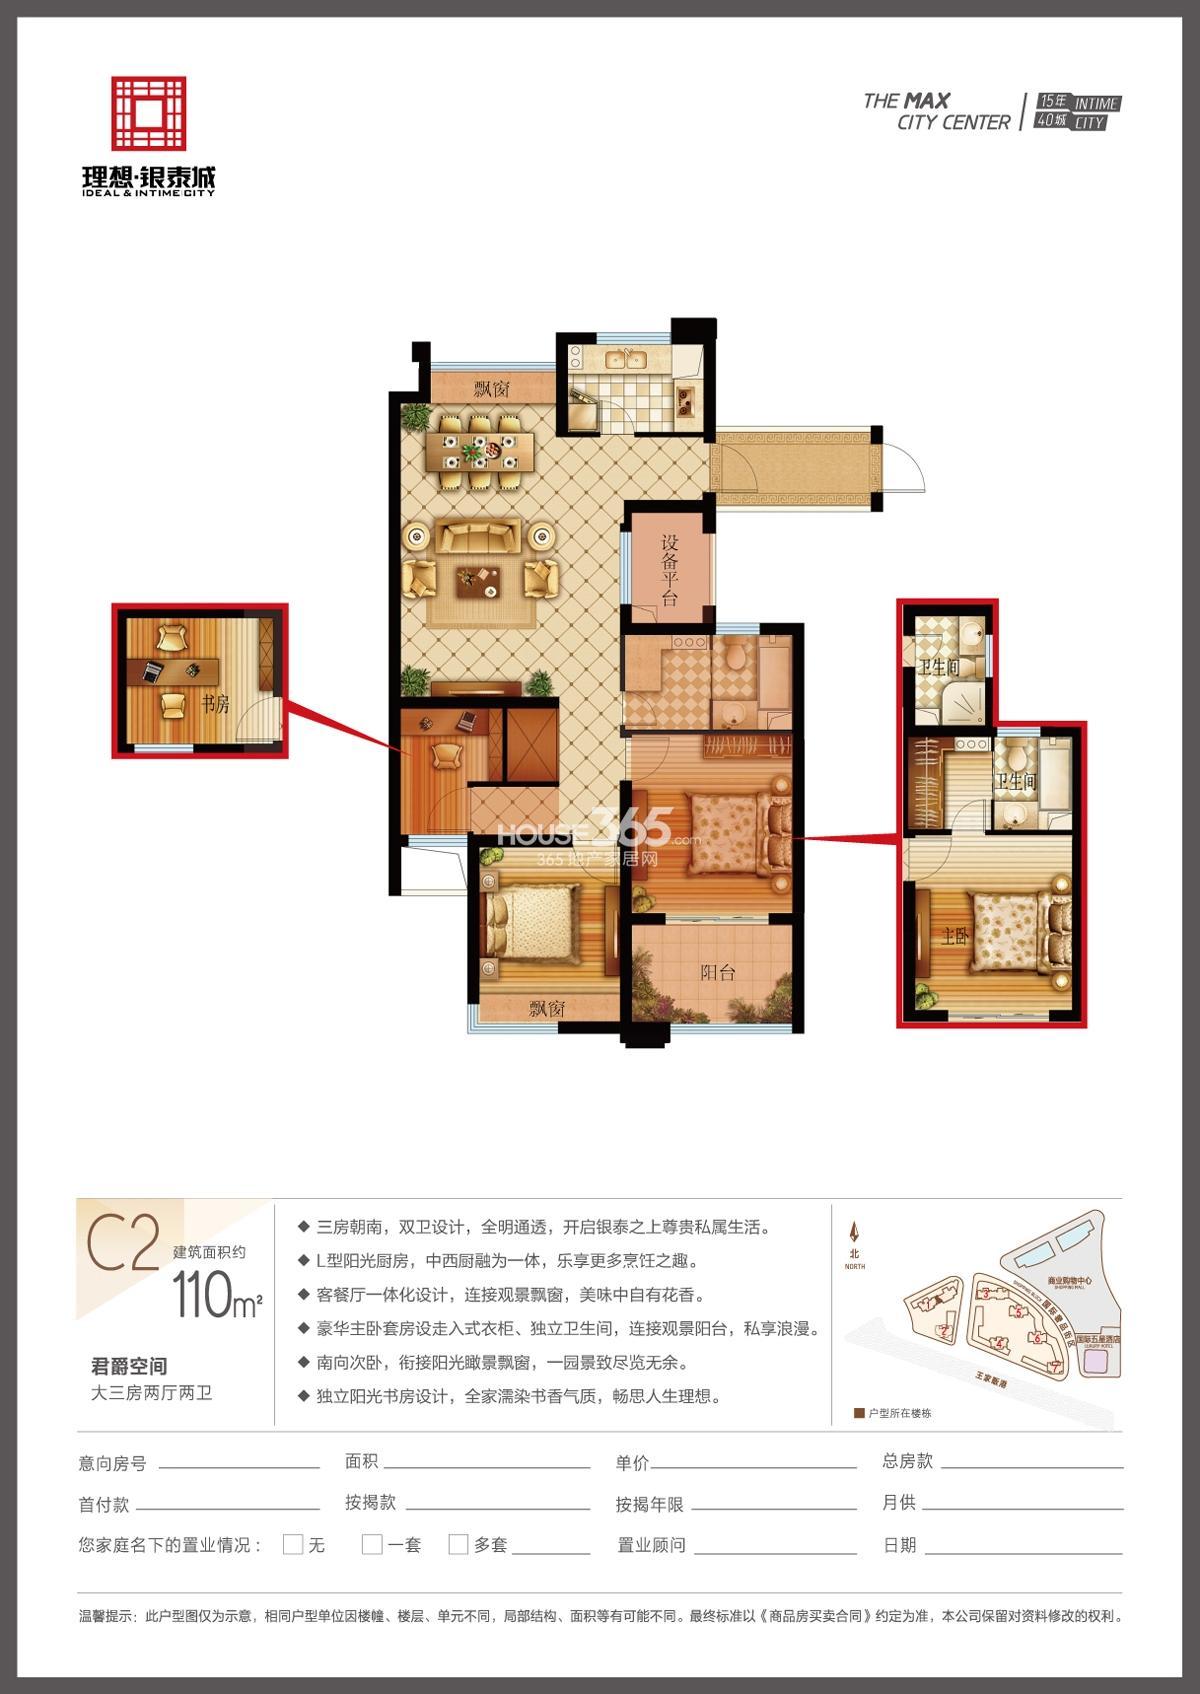 理想银泰城1号楼C2户型110方大三房两厅两卫户型图